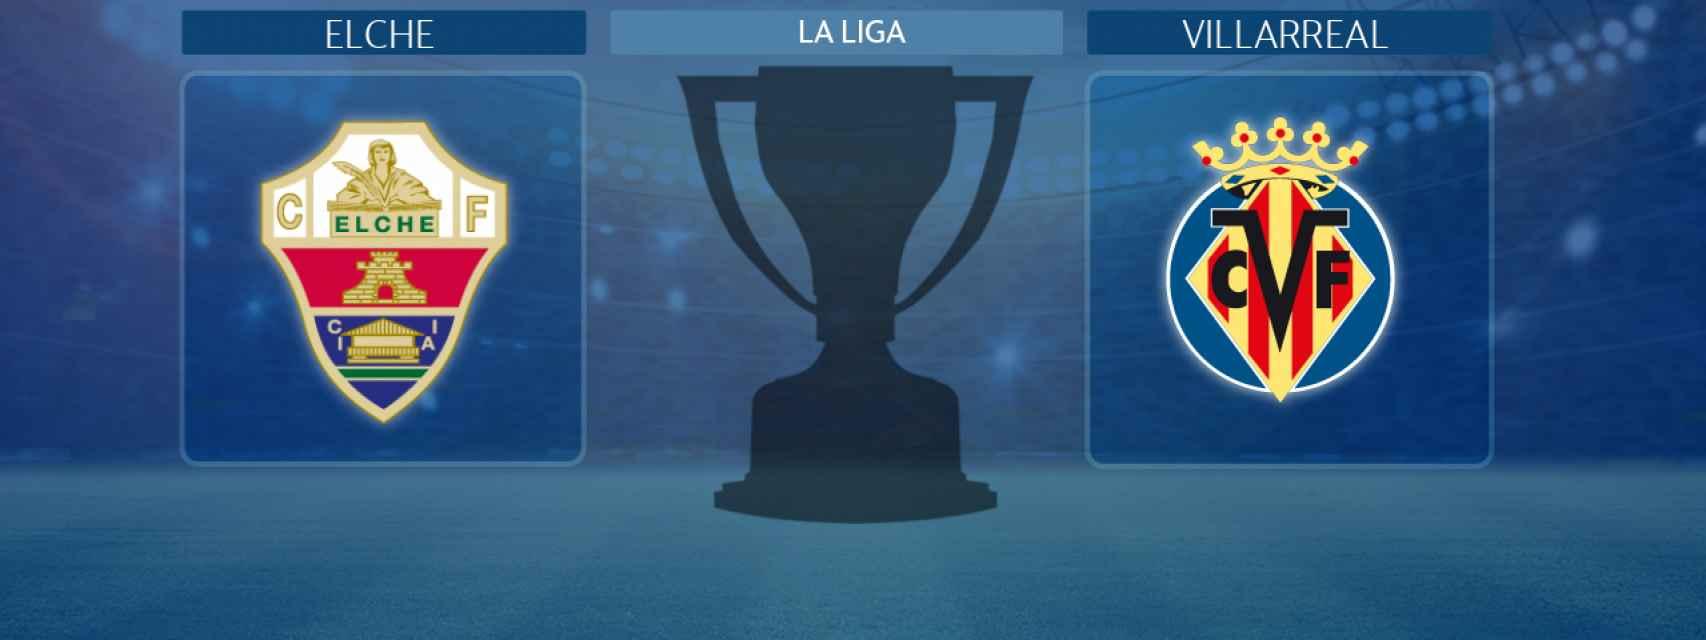 Elche - Villarreal, partido de La Liga